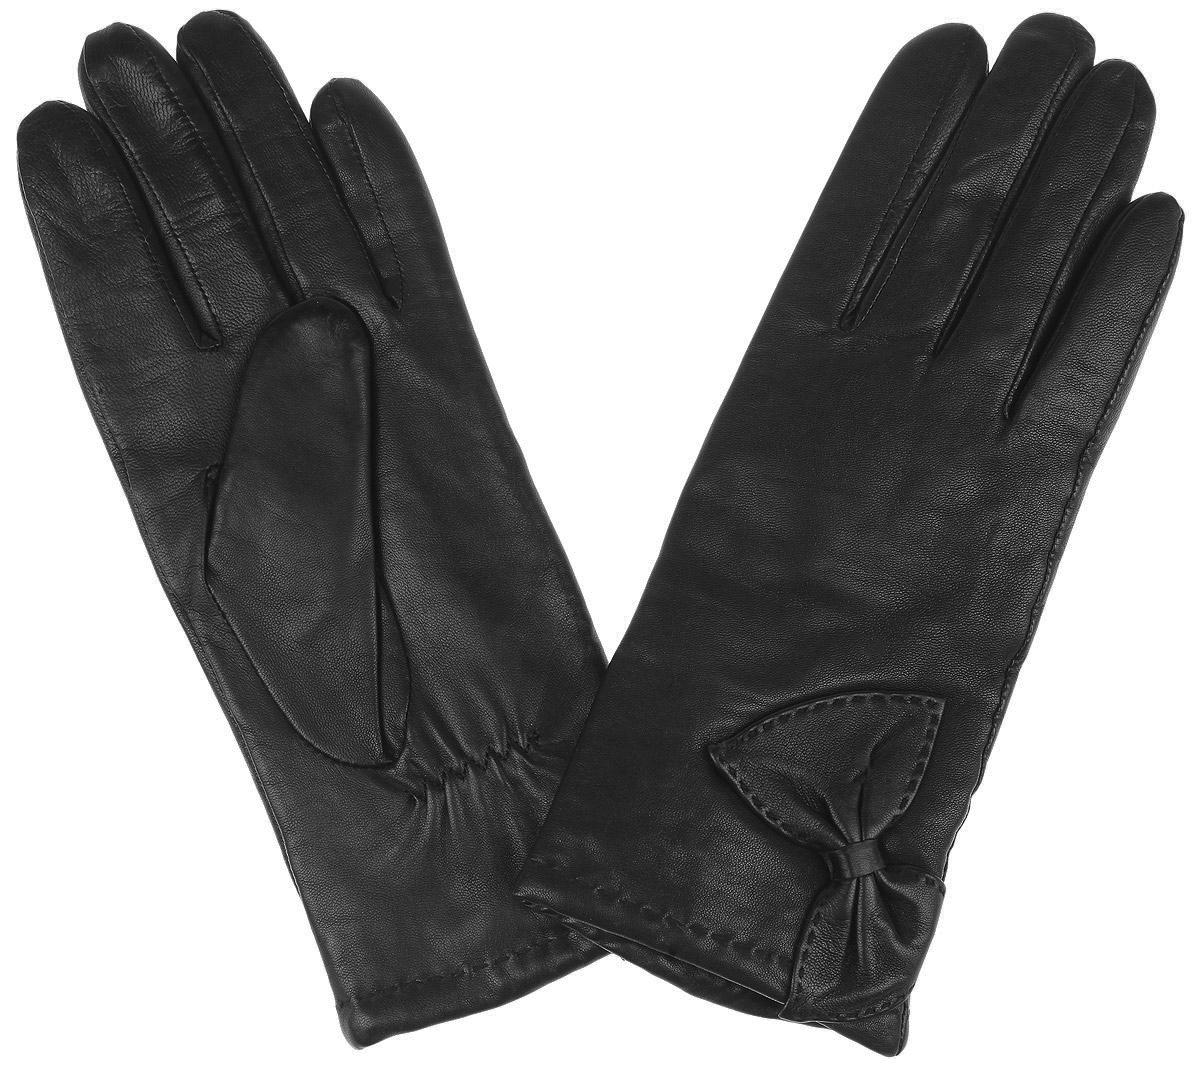 Перчатки2.37-1 blackПотрясающие женские перчатки Fabretti с подкладкой из шерсти и кашемира выполнены из мягкой и приятной на ощупь эфиопской кожи ягненка. Лицевая сторона декорирована строчкой и кожаным бантом. Тыльная сторона дополнена аккуратной резинкой для лучшей фиксации модели на запястье. Такие перчатки подчеркнут ваш стиль и неповторимость и придадут всему образу нотки женственности и элегантности.